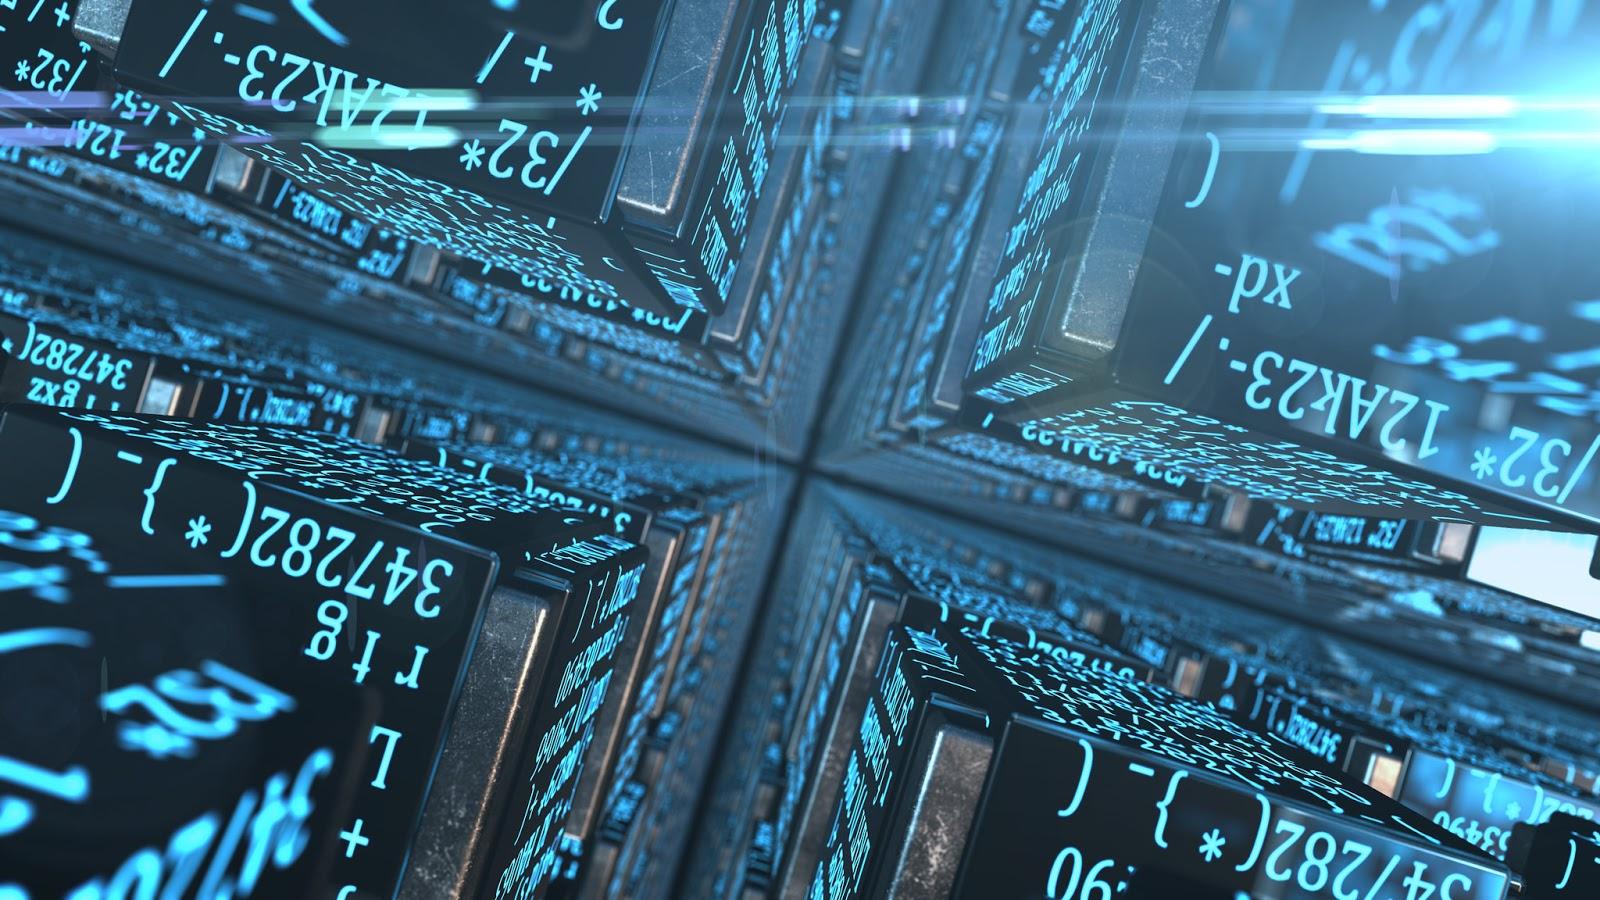 2022'de İzlenecek 10 DeFi Altcoin'ini Açıklandı!